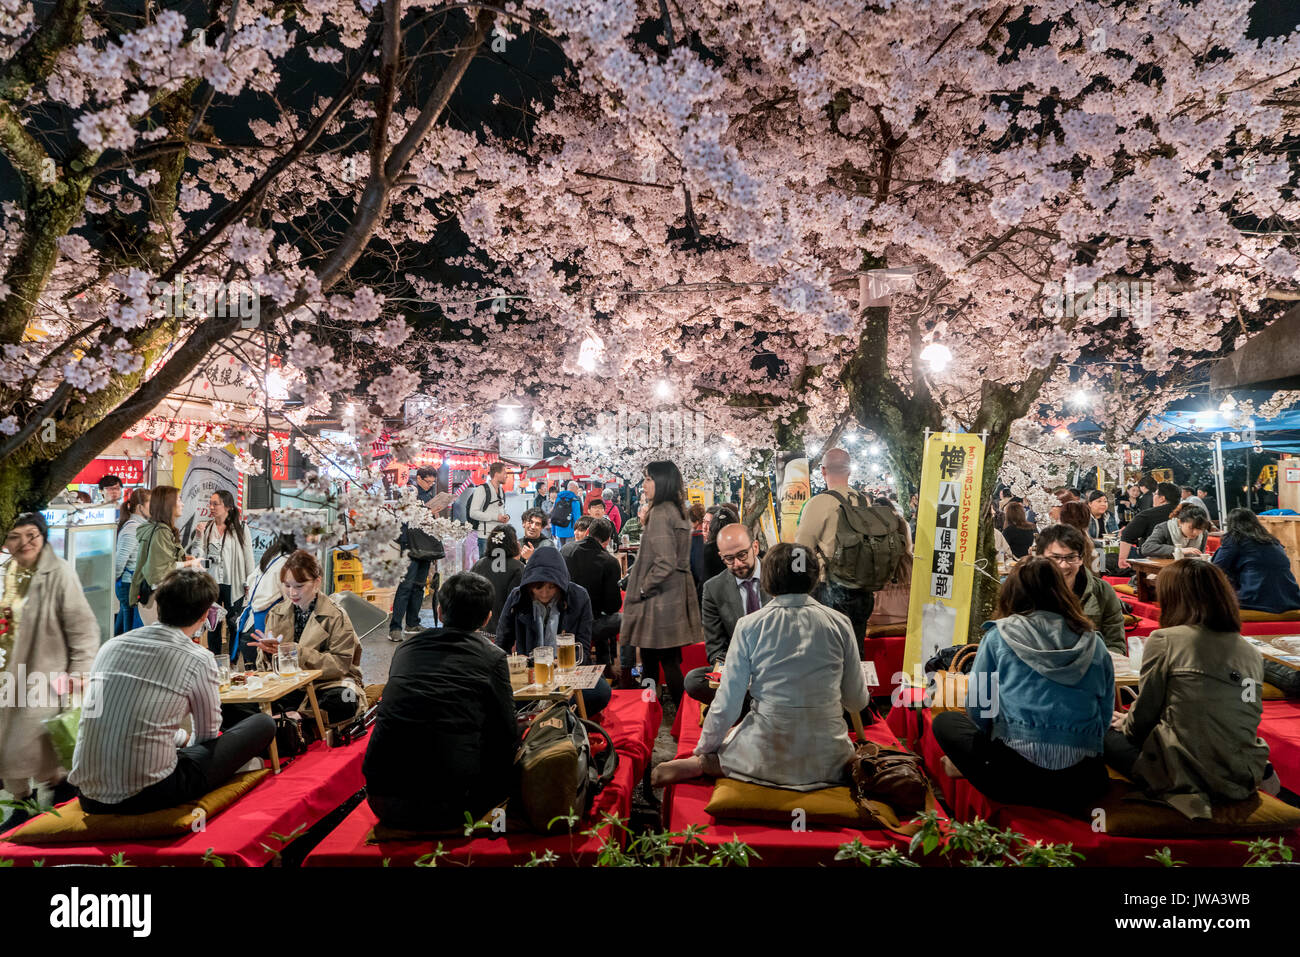 KYOTO, Giappone - Aprile 7, 2017: Giappone folla godetevi la primavera fiori di ciliegio a Kyoto per la partecipazione nella notte stagionale festival Hanami nel Parco di Maruyama Immagini Stock